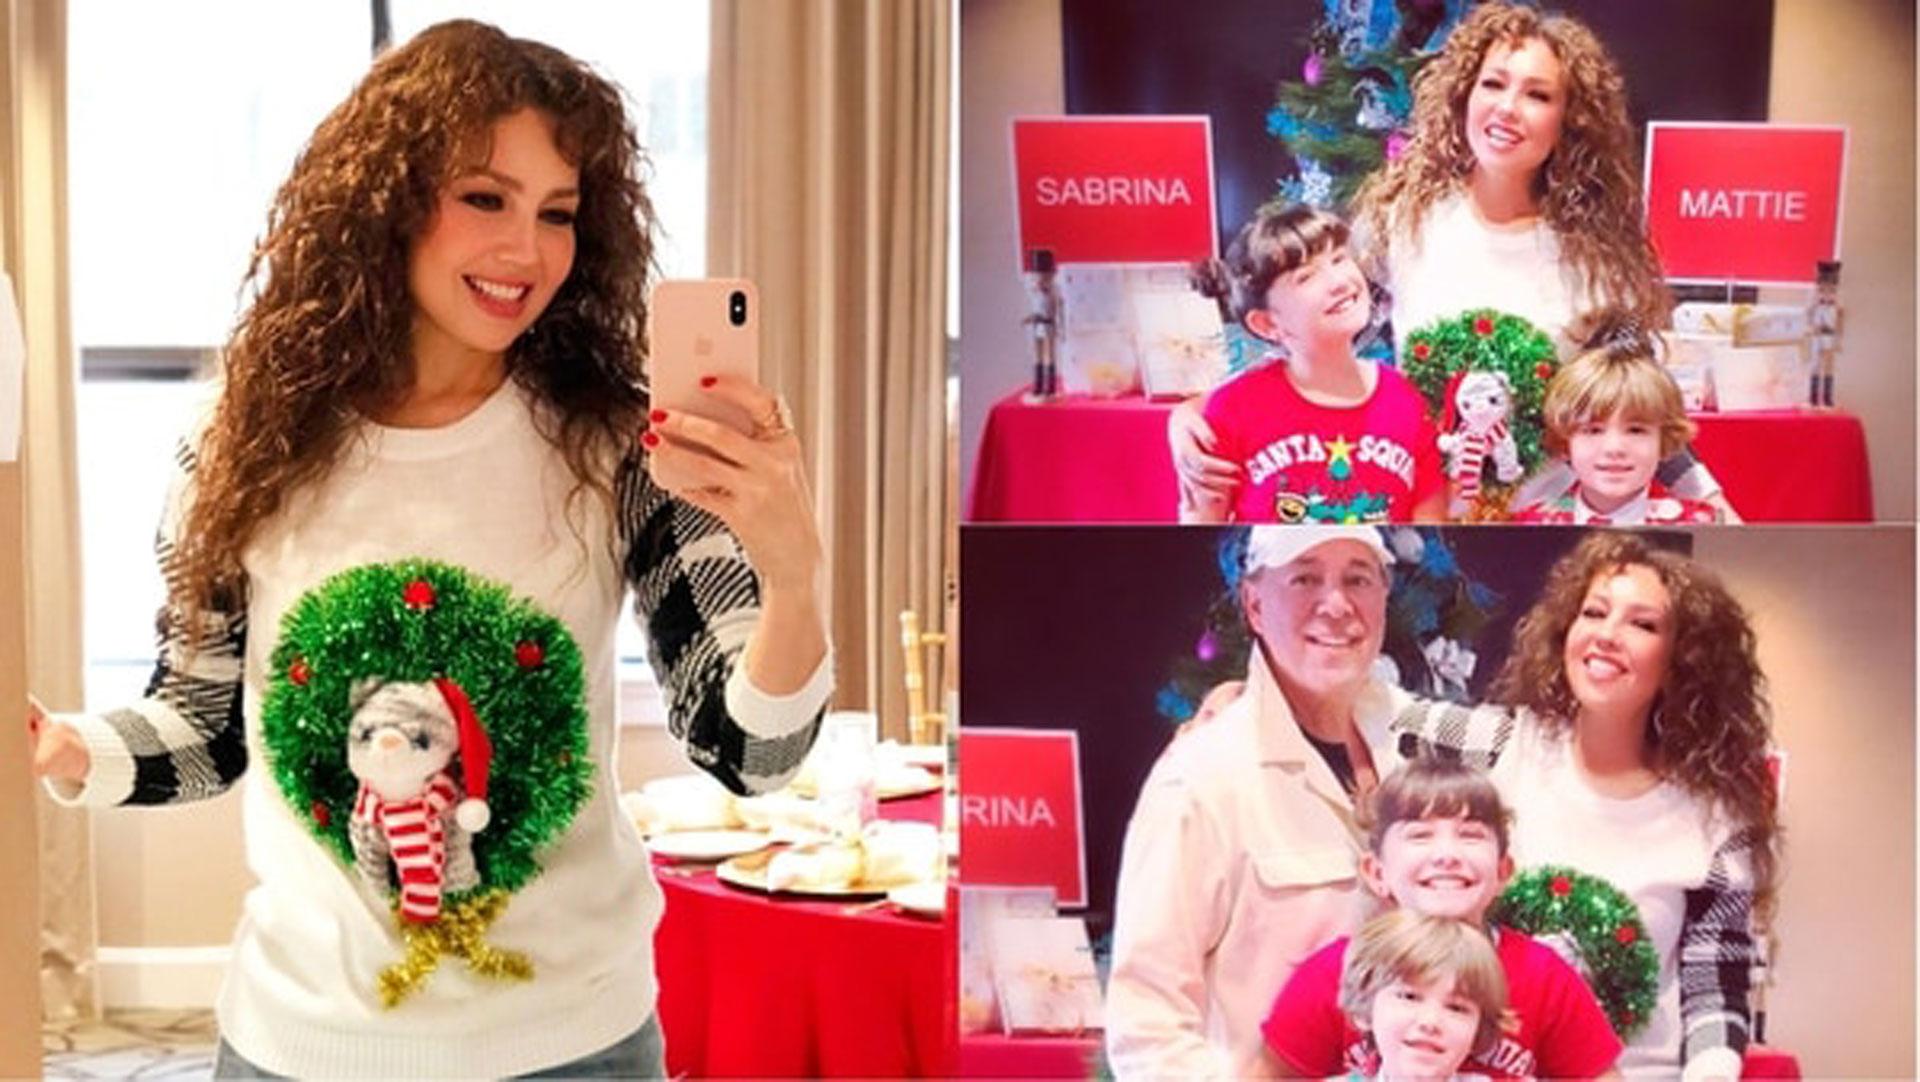 Las imágenes que compartió Thalia para la Navidad. (Foto: Instagram)